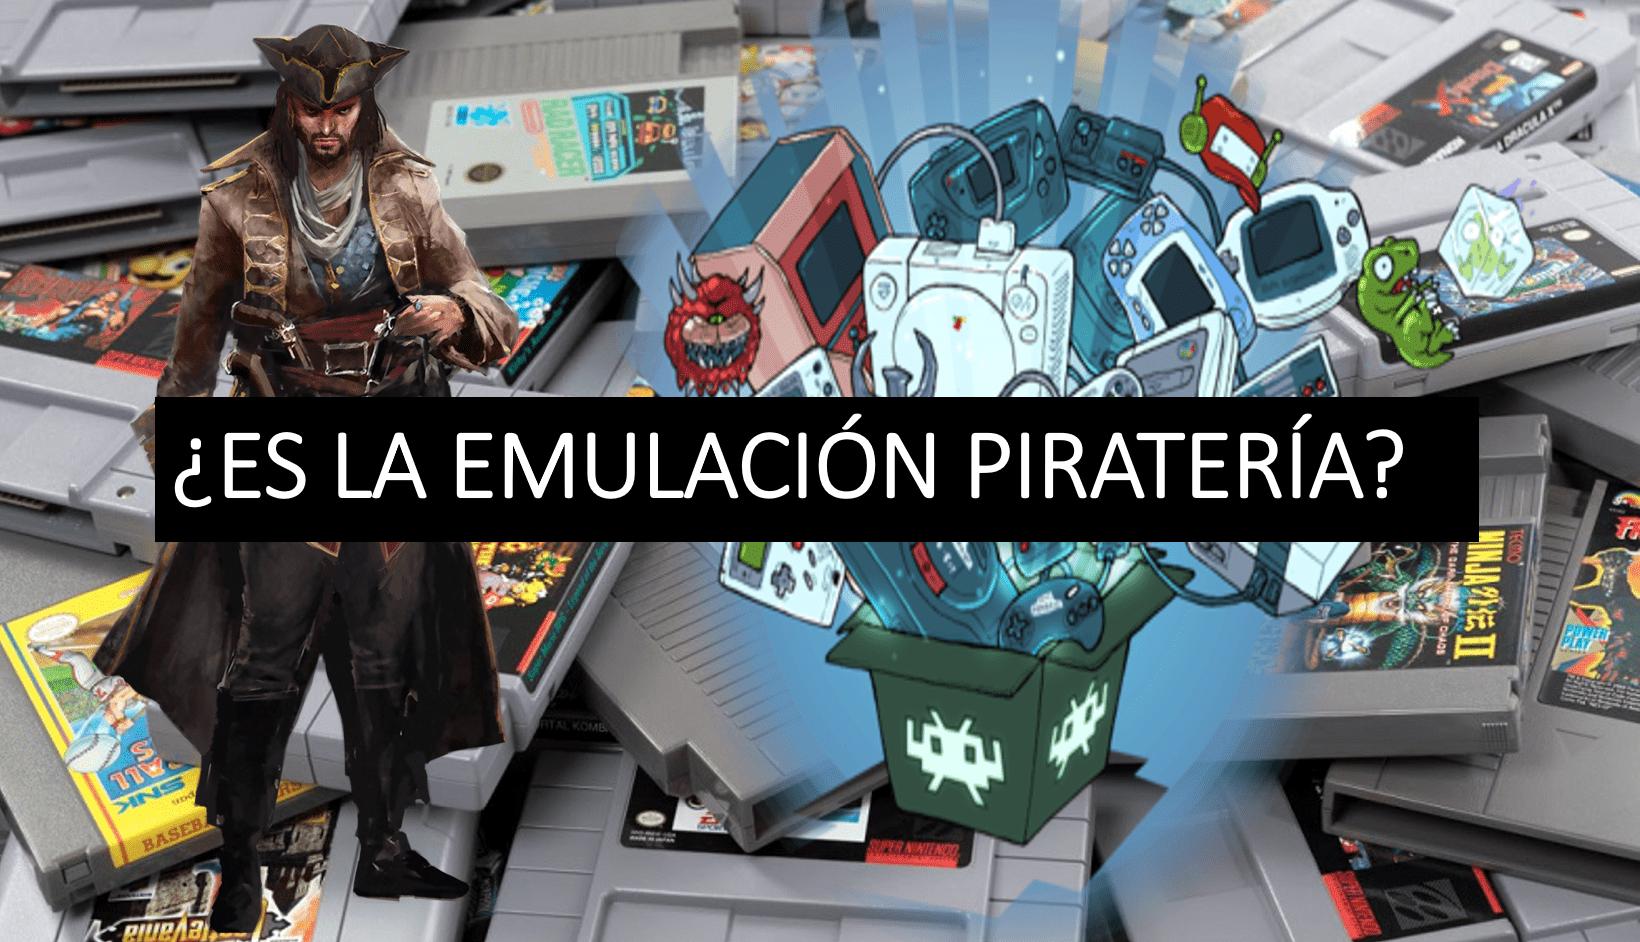 ¿Podemos Considerar La Emulacion De Videojuegos Pirateria?